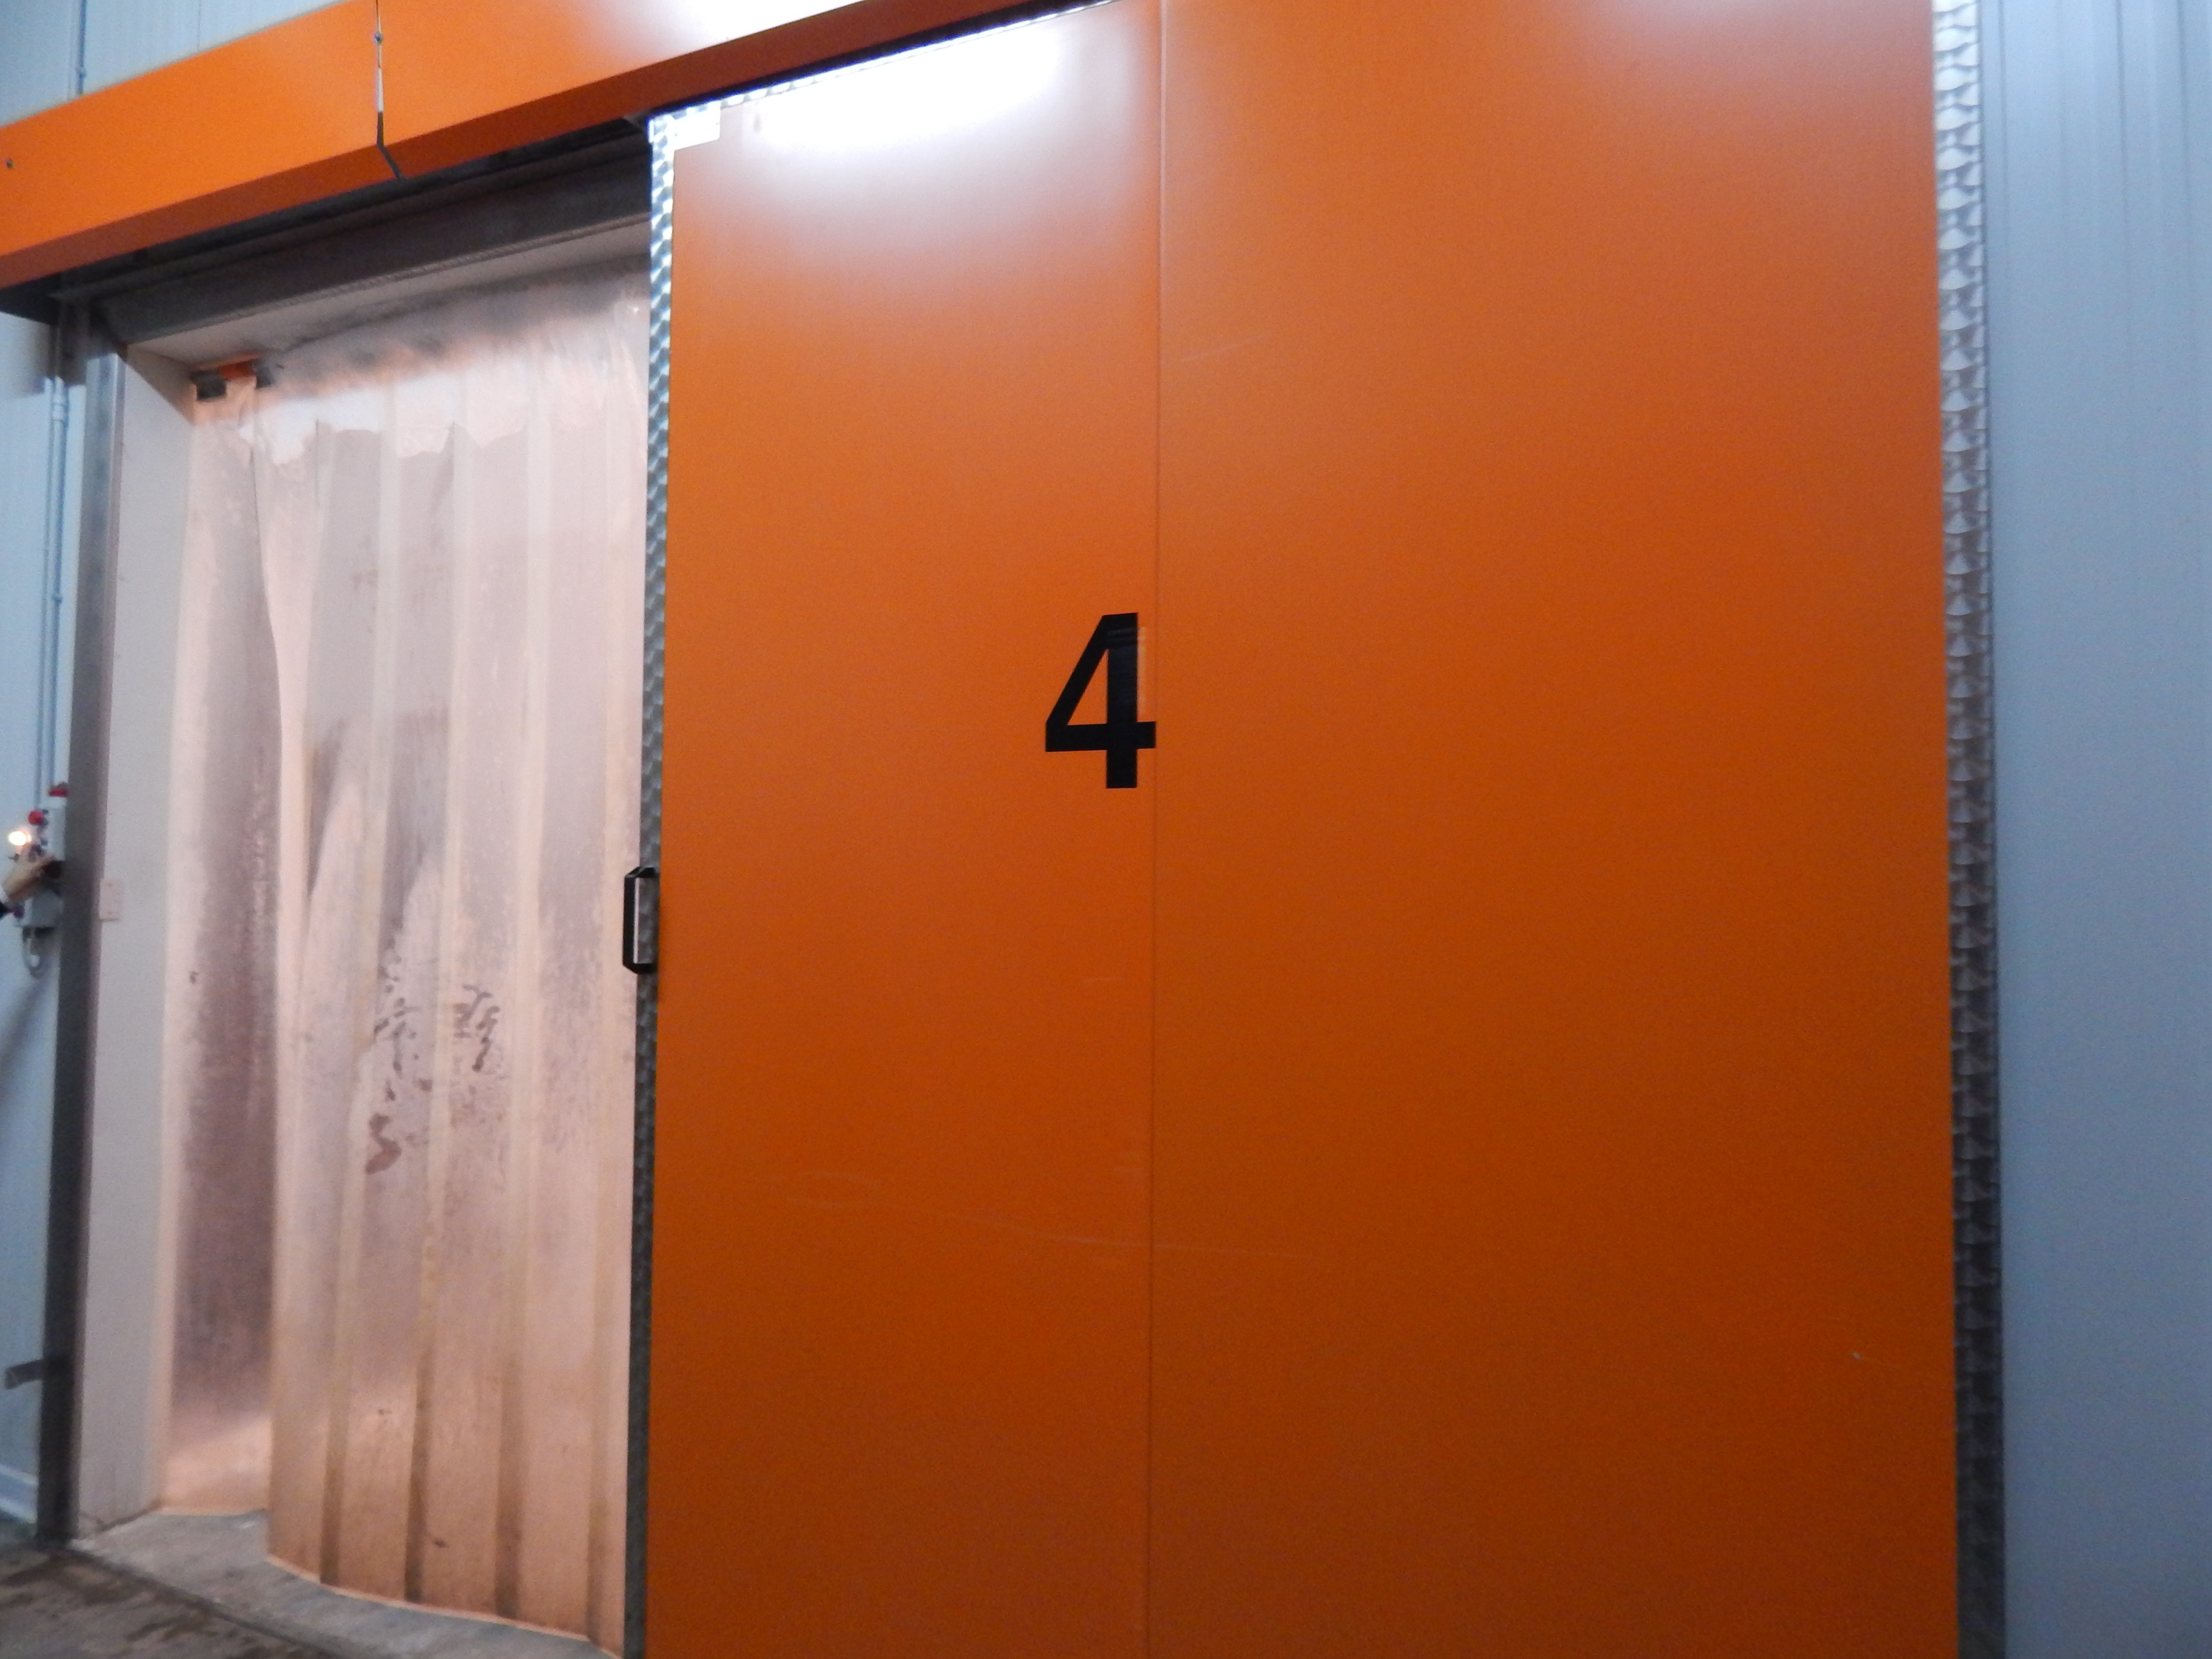 Celle frigorifere e accessori vari comprese sca...